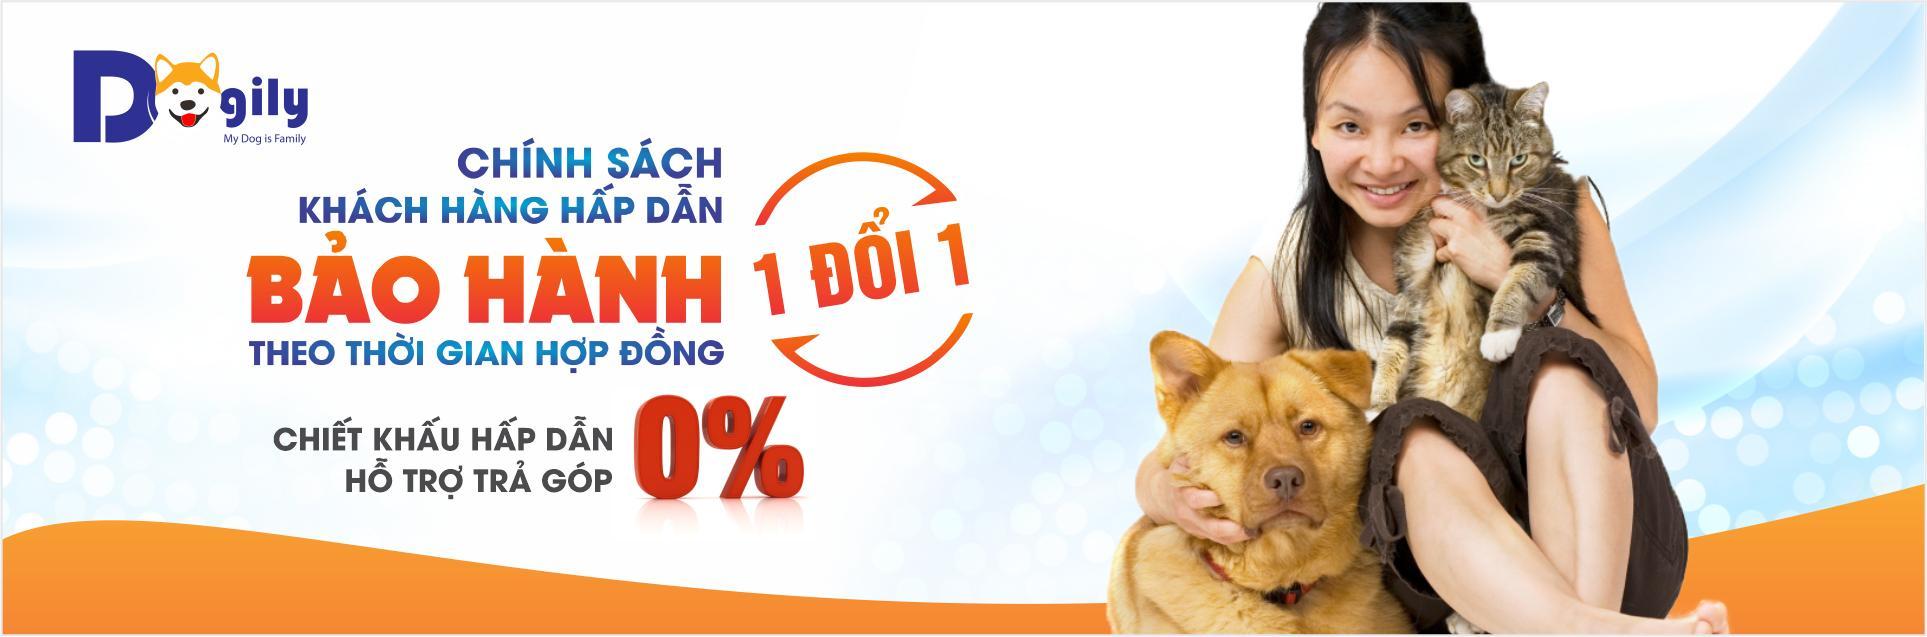 Tại Dogily Petshop, chúng tôi bảo hành sức khỏe 1 đổi 1 trong thời gian hợp đồng và hỗ trợ trả góp lãi suất 0 %, cùng chiết khấu giảm giá và nhiều chương trình khuyến mại hấp dẫn khi mua chó Akita Inu tại hệ thống các cửa hàng ở Tphcm và Hà nội.